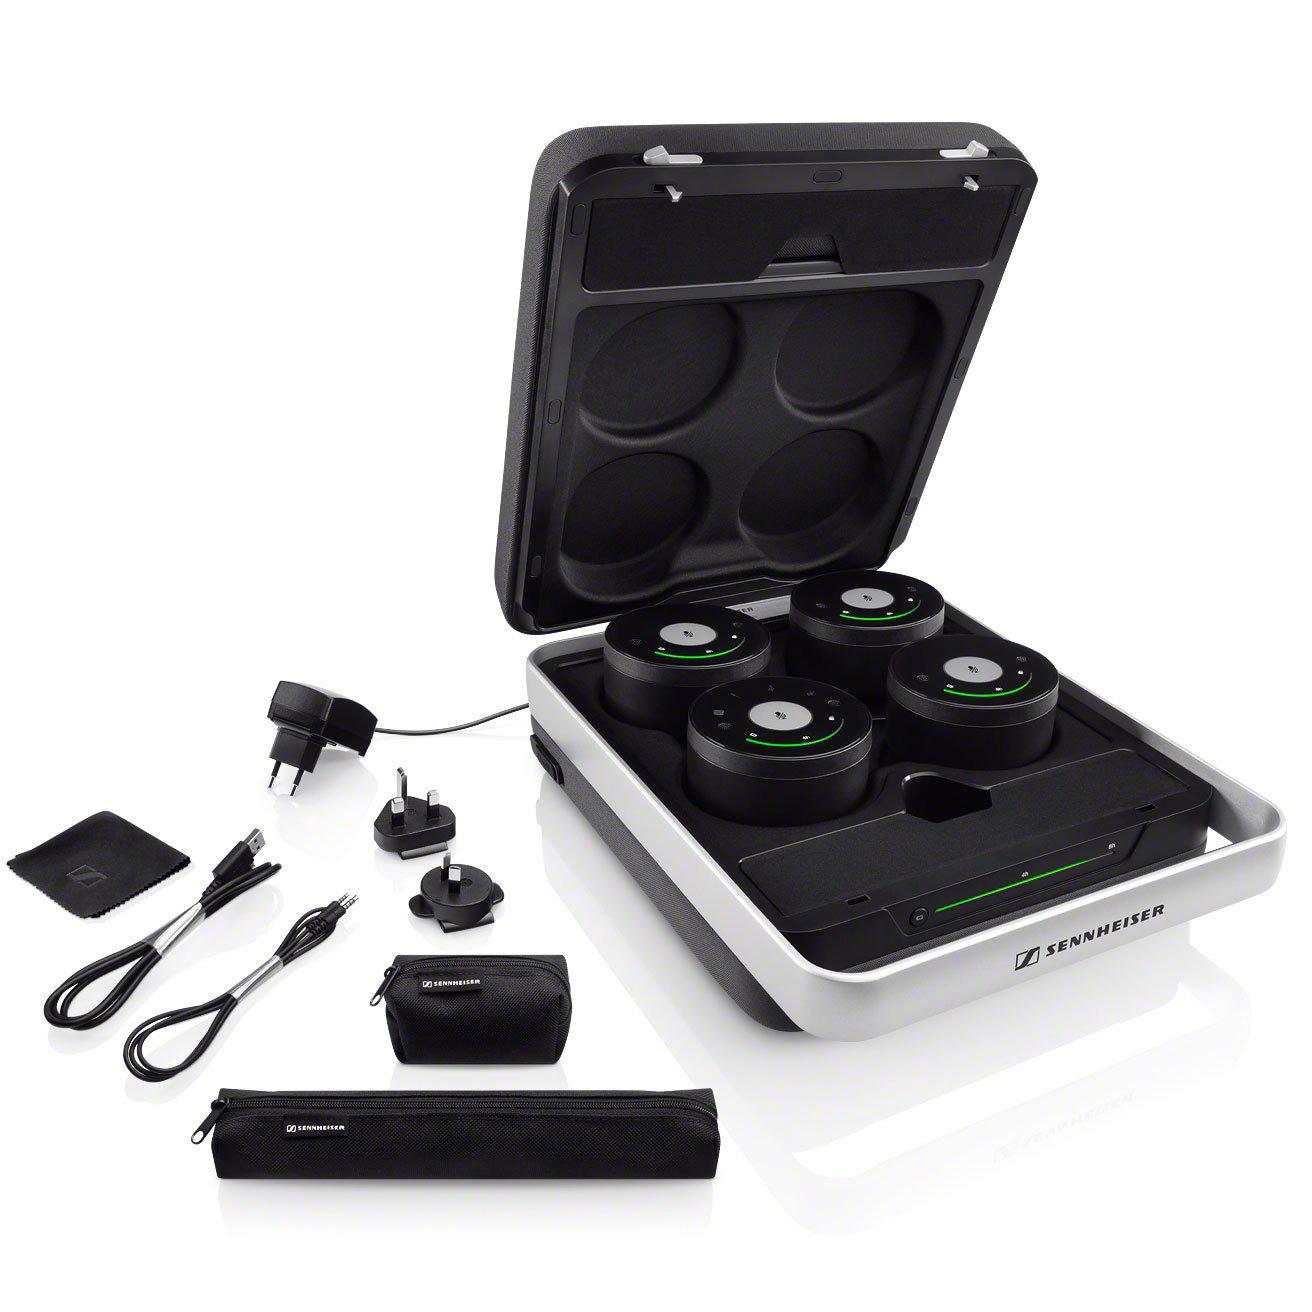 sennheiser tc w set case us teamconnect portable wireless conference system case set. Black Bedroom Furniture Sets. Home Design Ideas